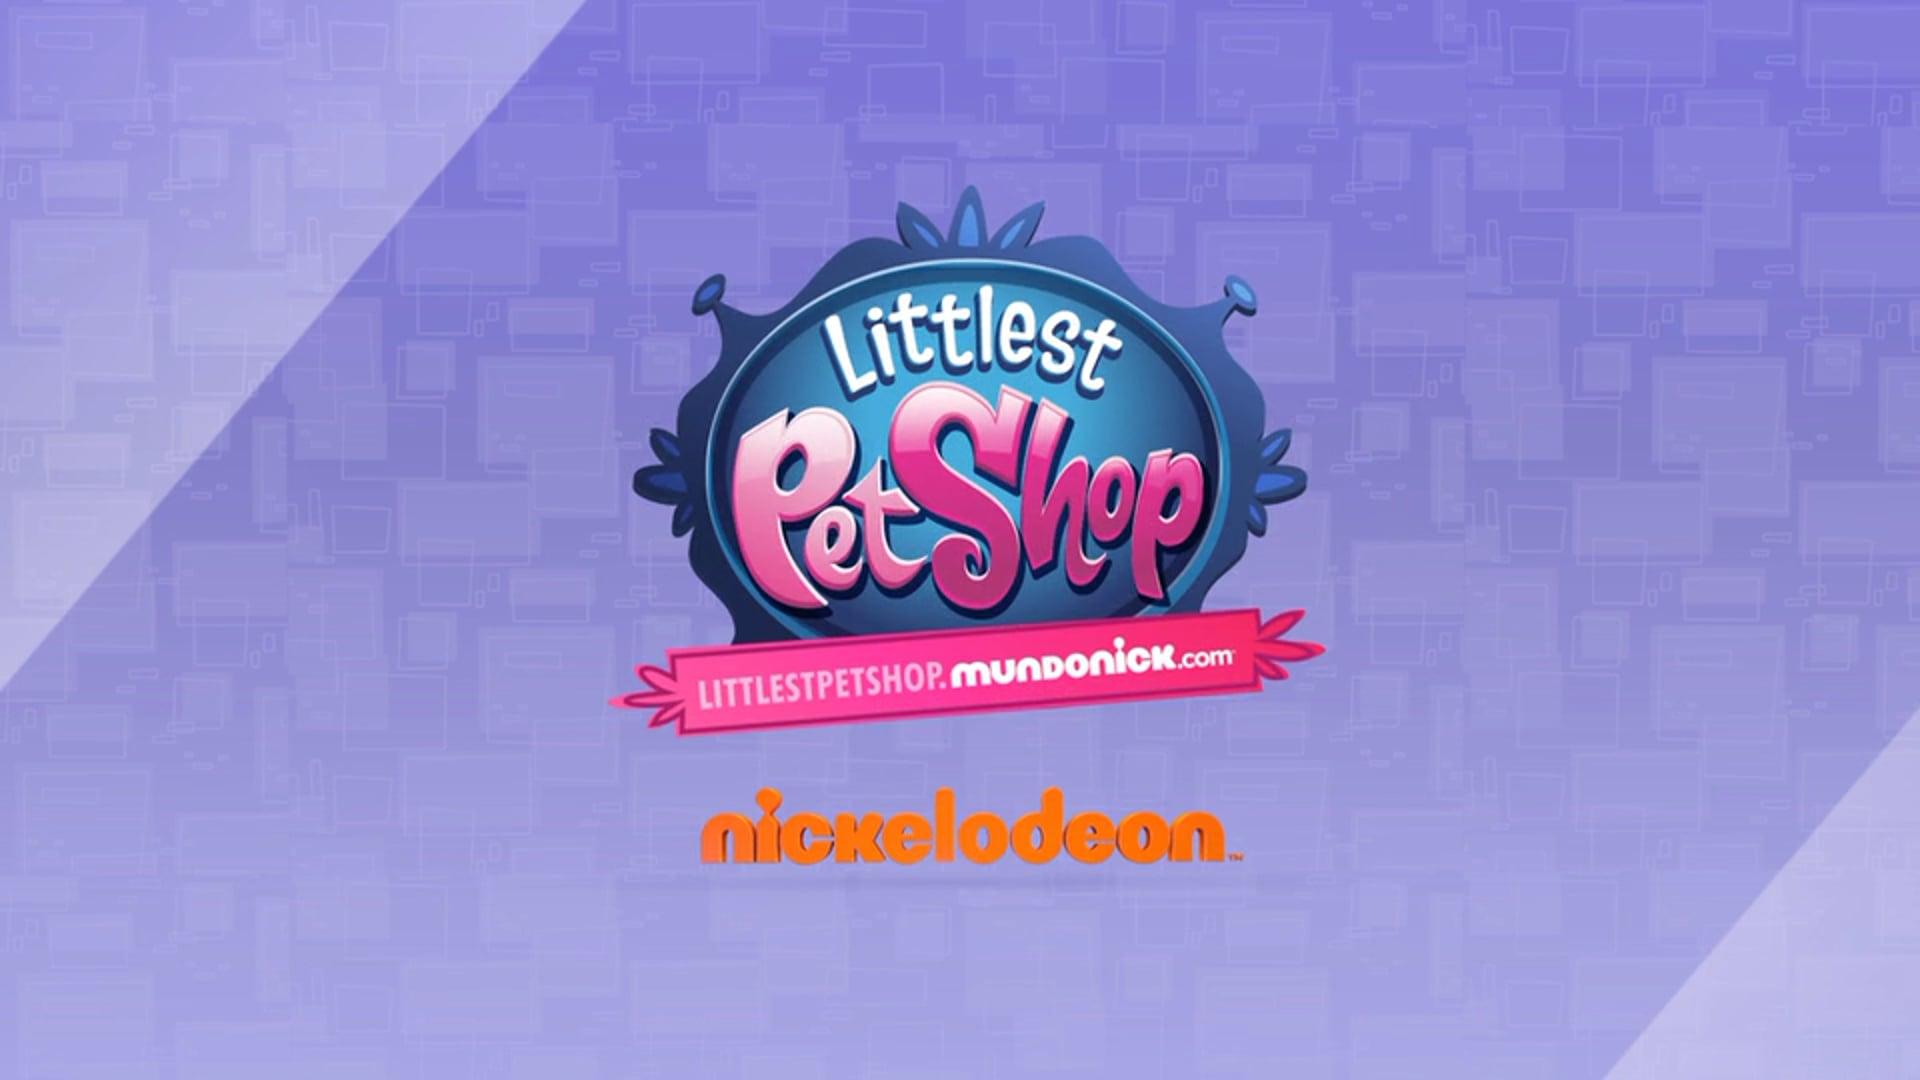 Littlest Pet Shop, Nickelodeon